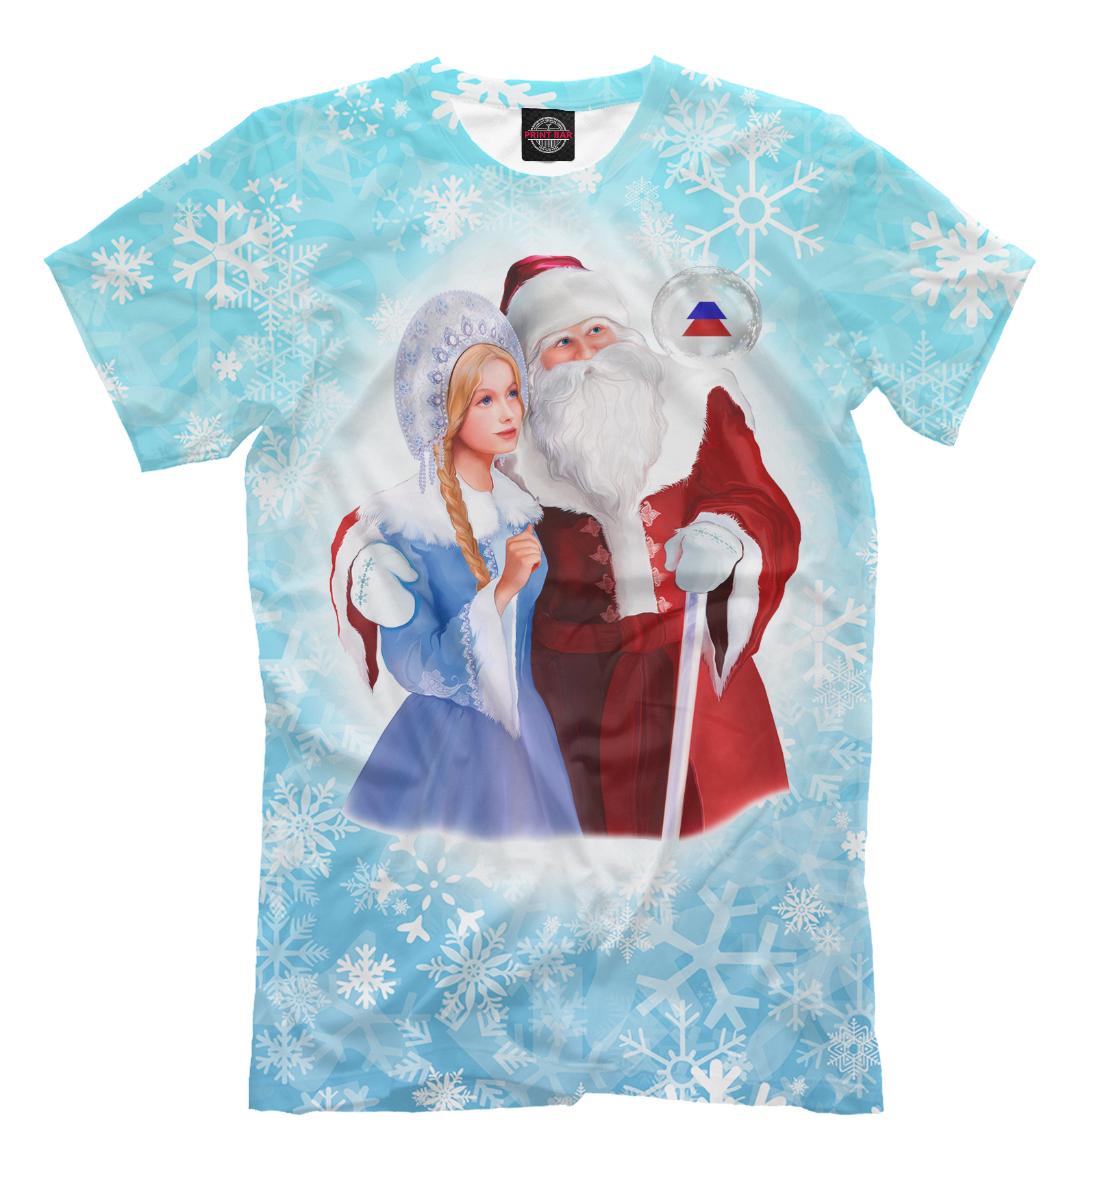 Купить Русские Дед Мороз и Снегурочка, Printbar, Футболки, NOV-365562-fut-2